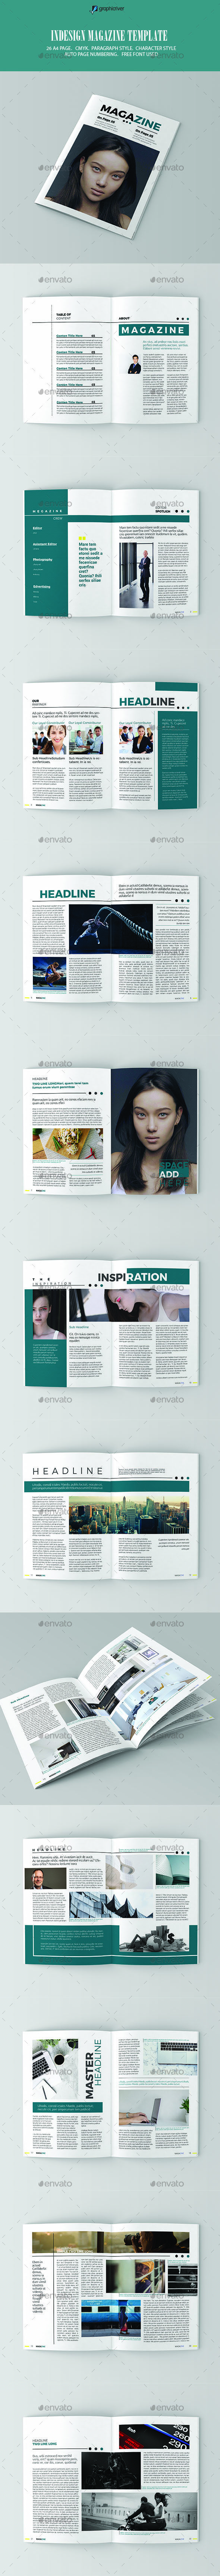 InDesign Magazine Template 01   Diseño editorial, Editorial y Revistas